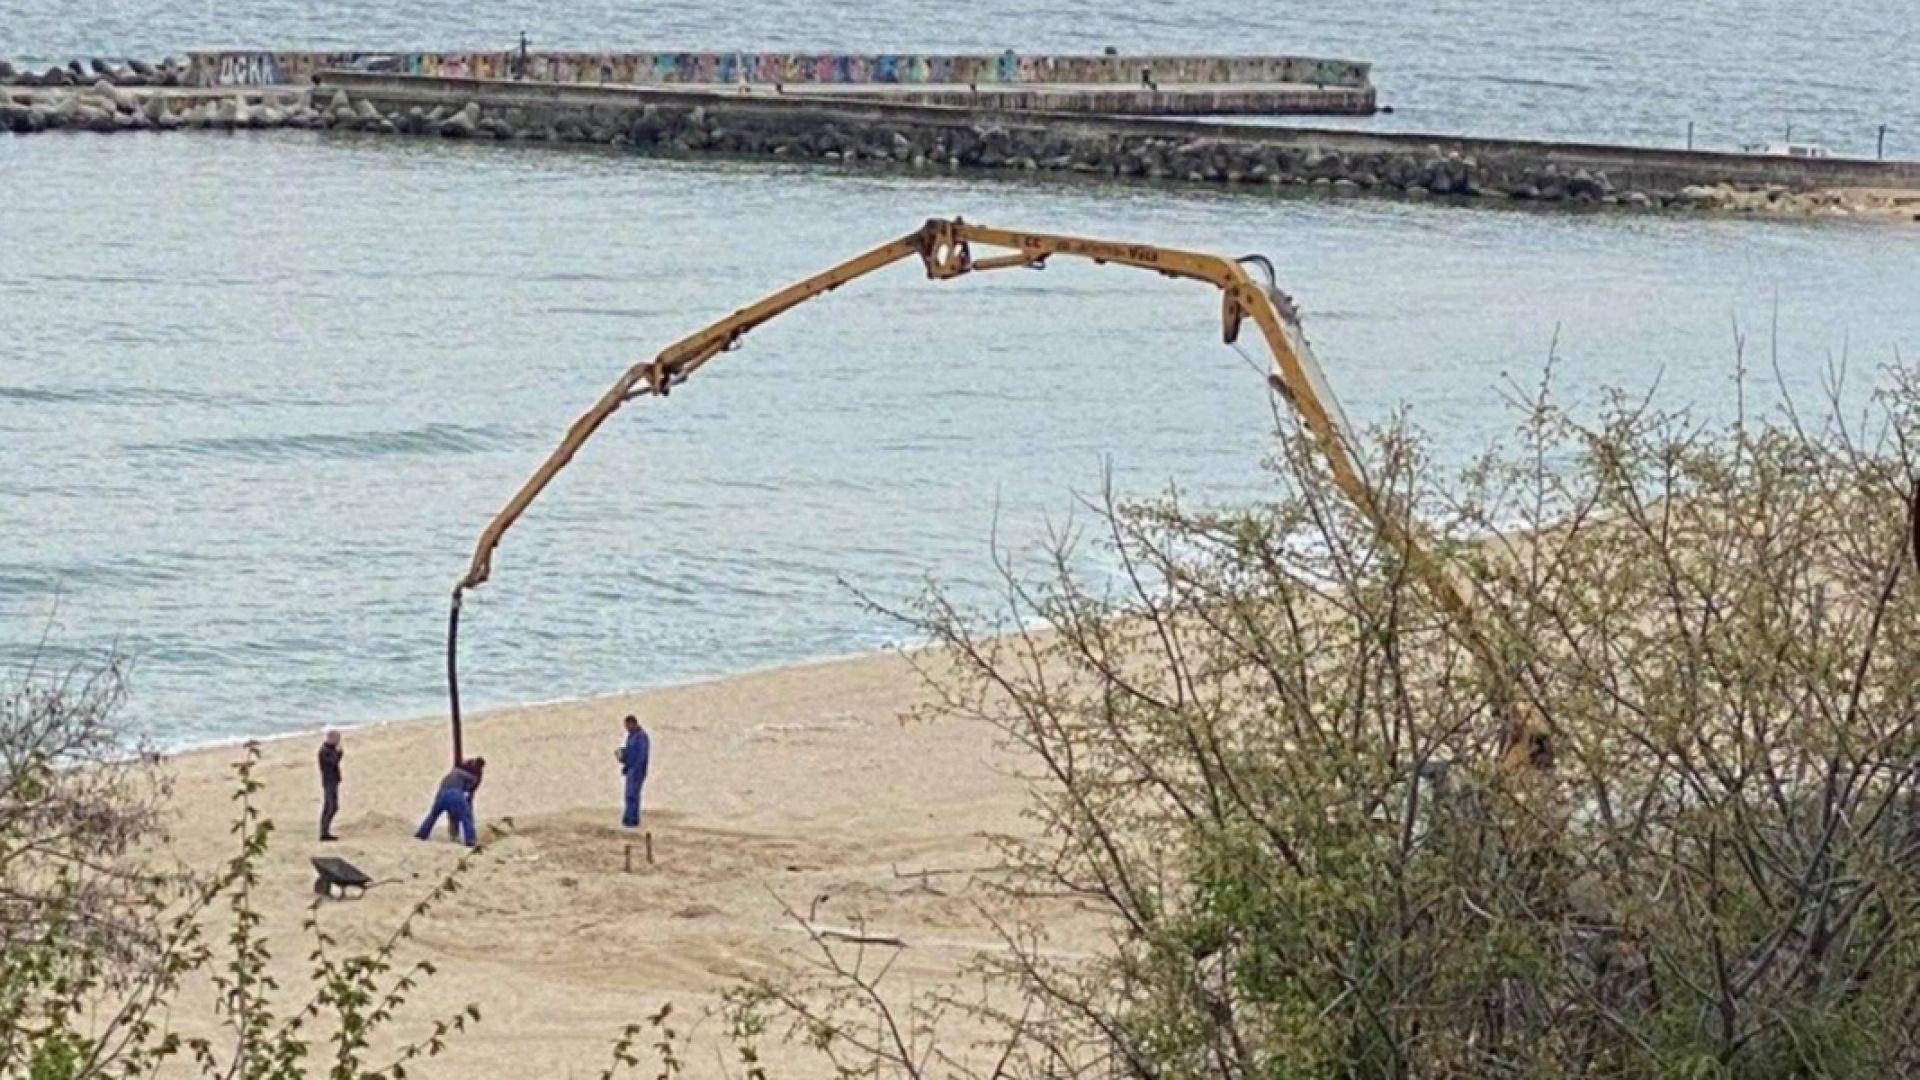 Пореден сигнал за изливане на бетон на плажа, сега на Кабакум край Варна